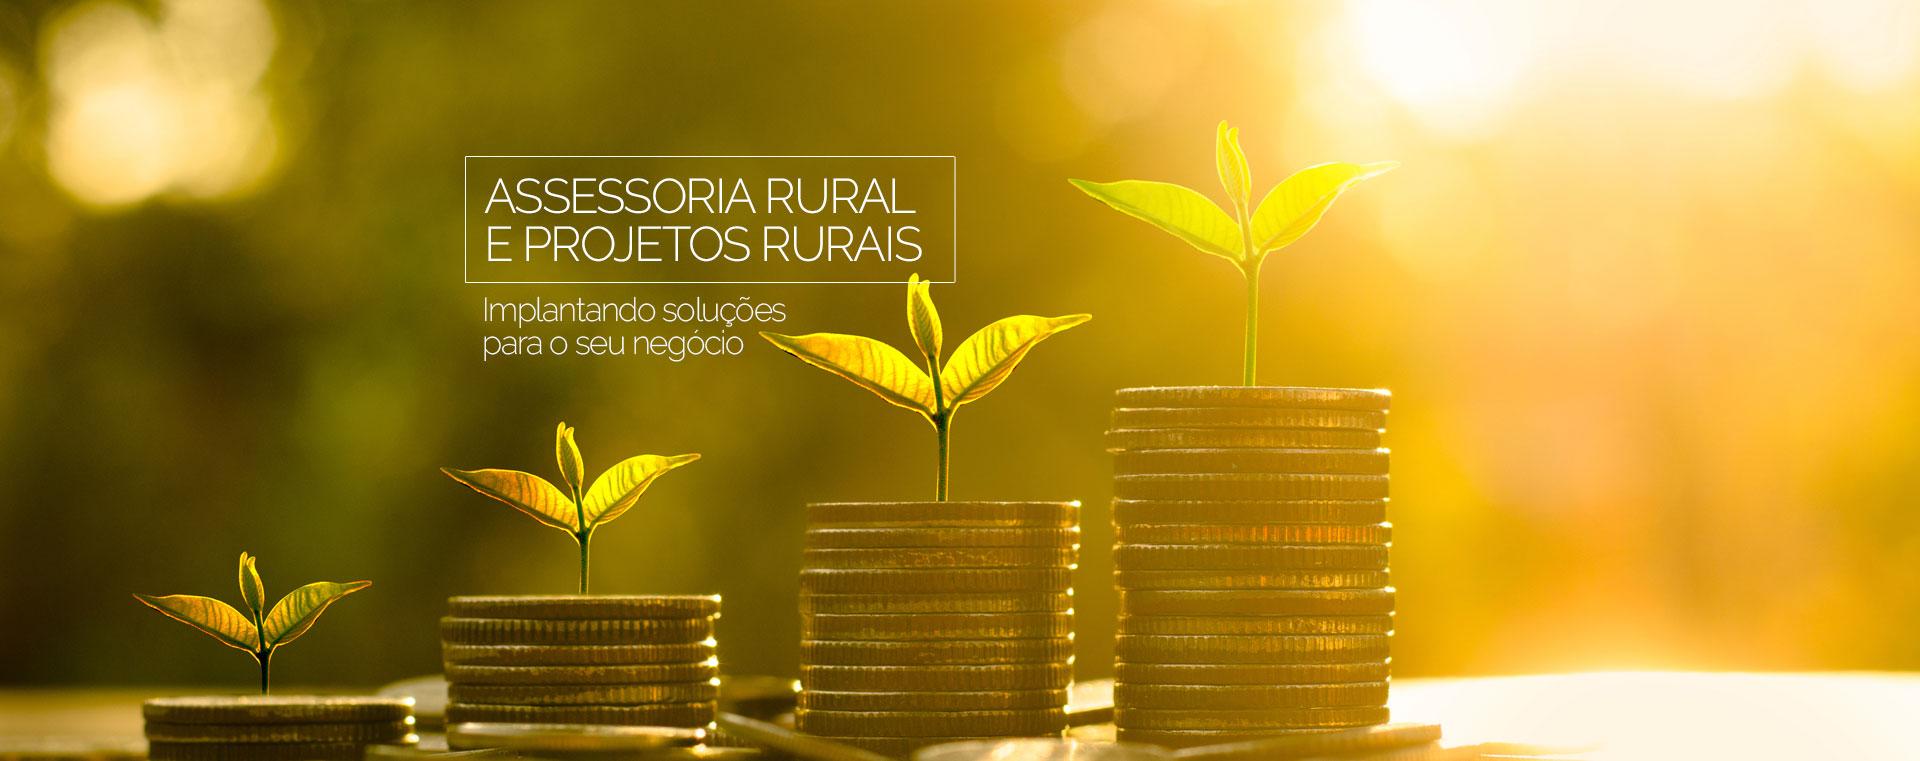 Assessoria Rural e Projetos Agrícolas